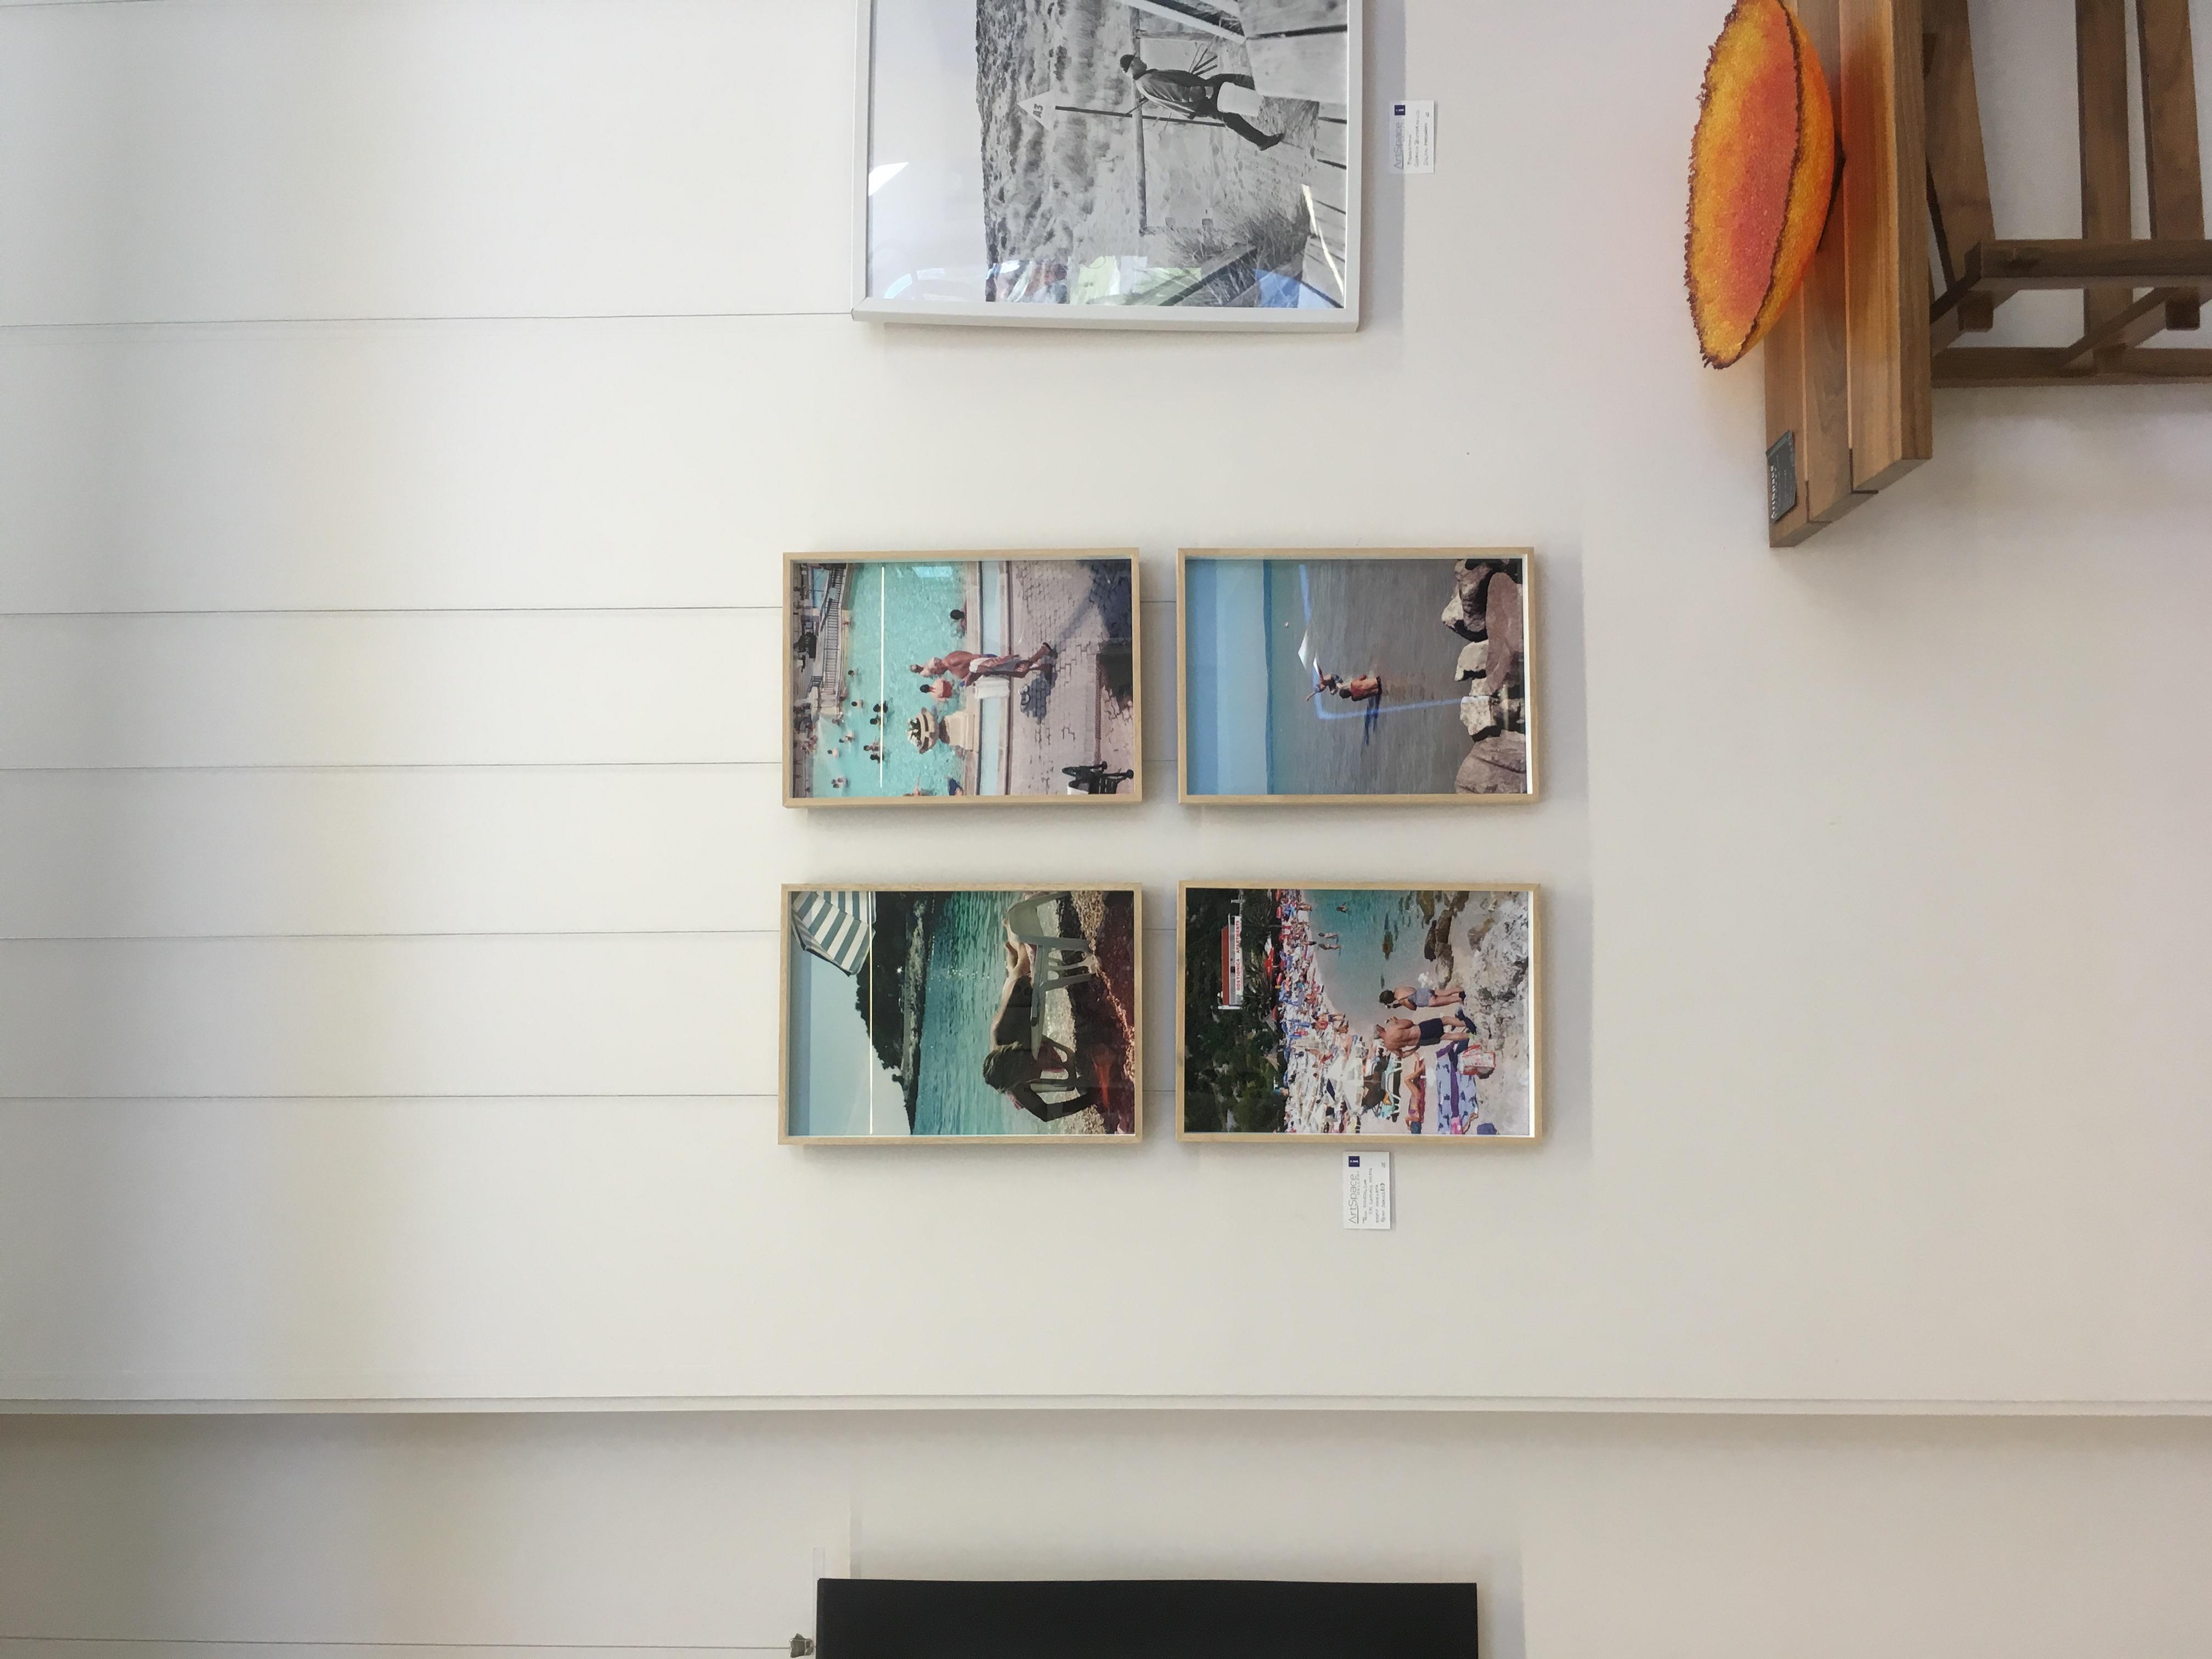 Artspace Exhibition